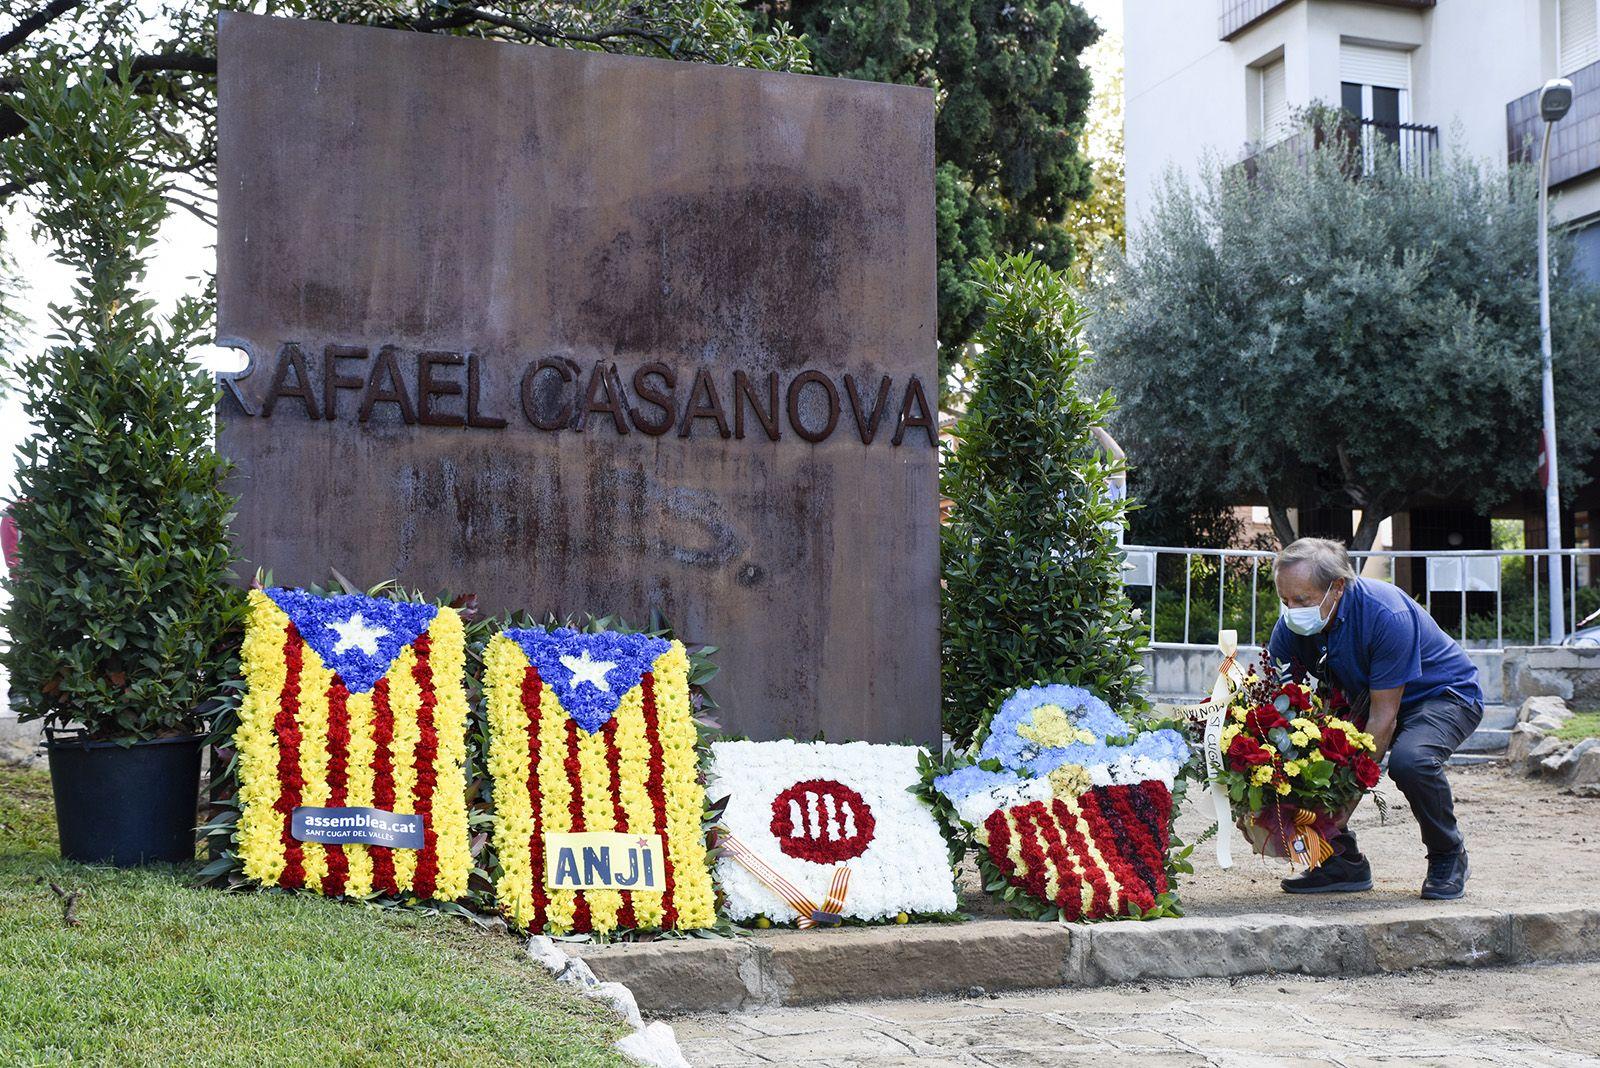 Ofrena floral del Club Muntanyenc Sant Cugat al monument de Rafael Casanova. Foto: Bernat Millet.